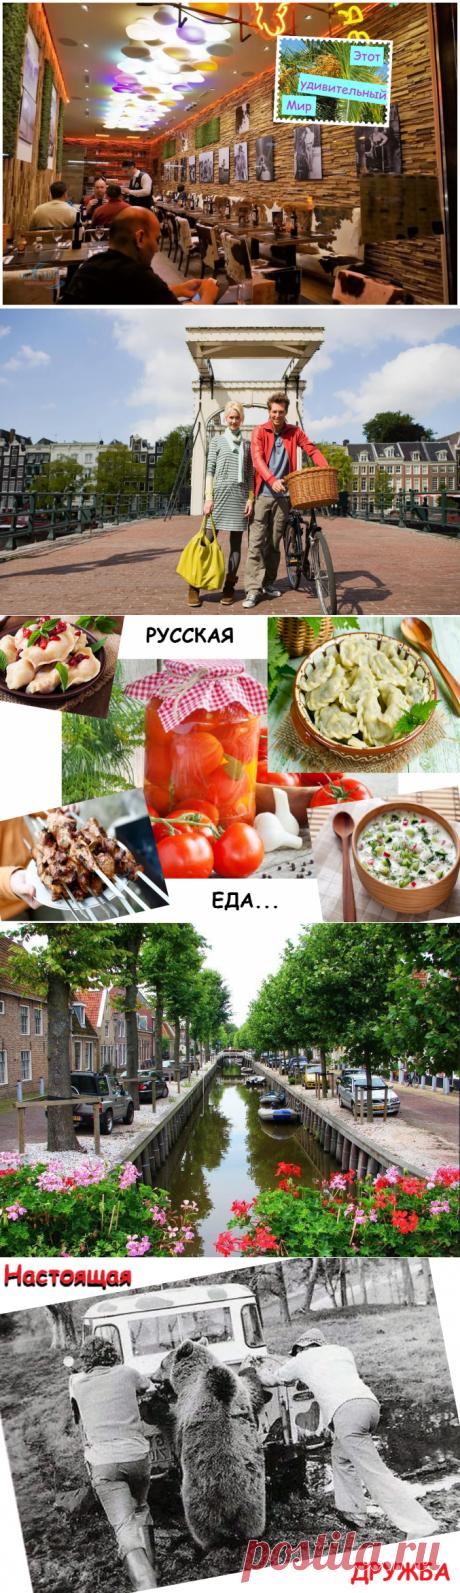 Что в России лучше, чем в Голландии? - на взгляд самих голландцев.